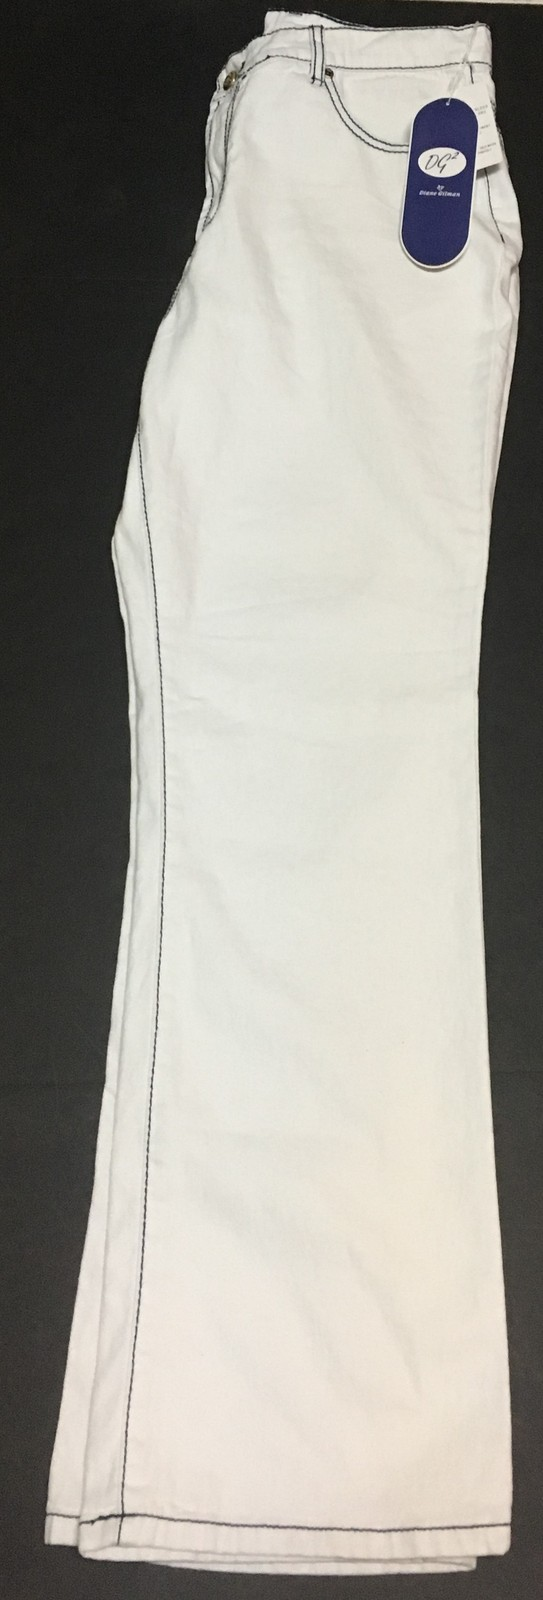 DG2 by Diane Gilman White Black Trim Jeans Women's Sz 14 NWT